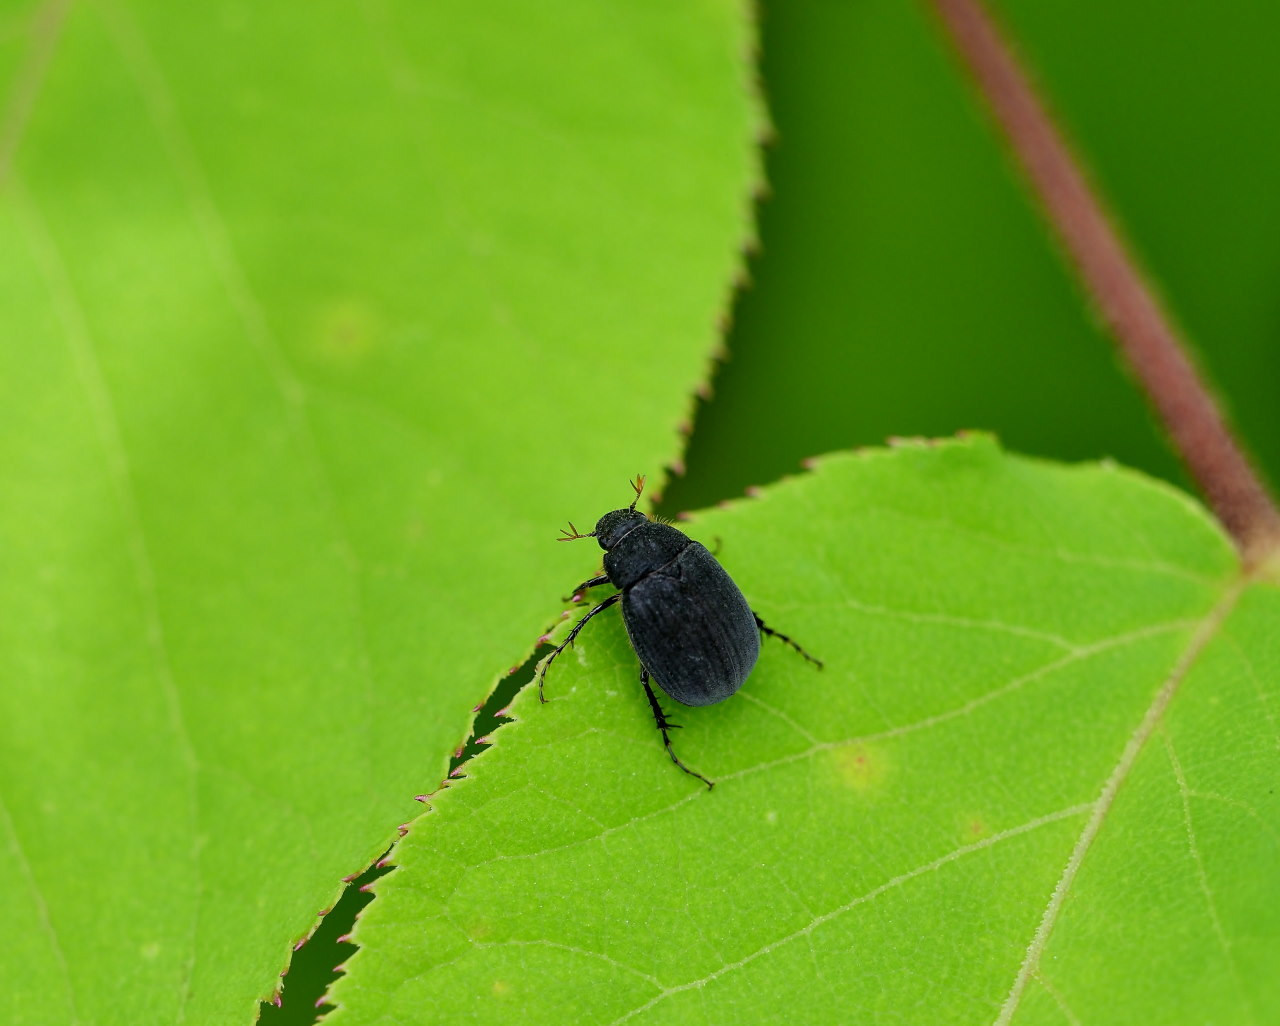 榛名湖畔で避暑がてら おもに虫撮り_c0305565_17345110.jpg